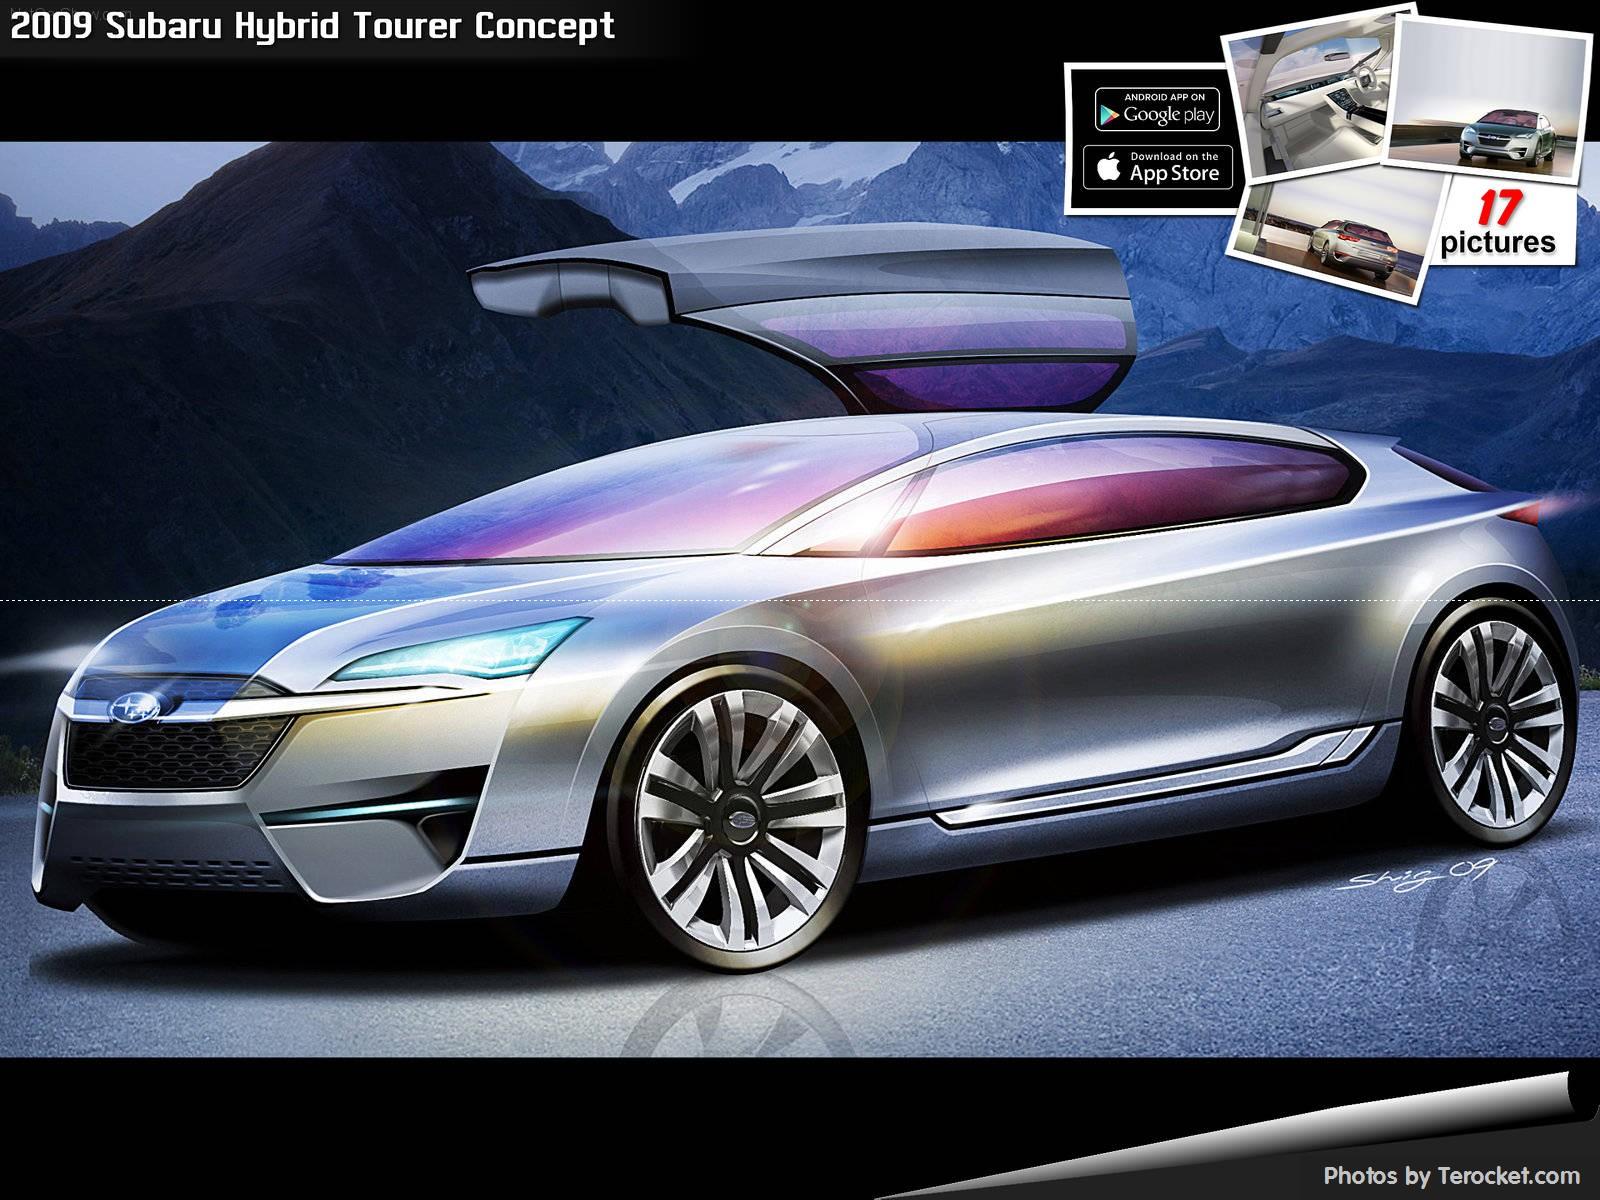 Hình ảnh xe ô tô Subaru Hybrid Tourer Concept 2009 & nội ngoại thất